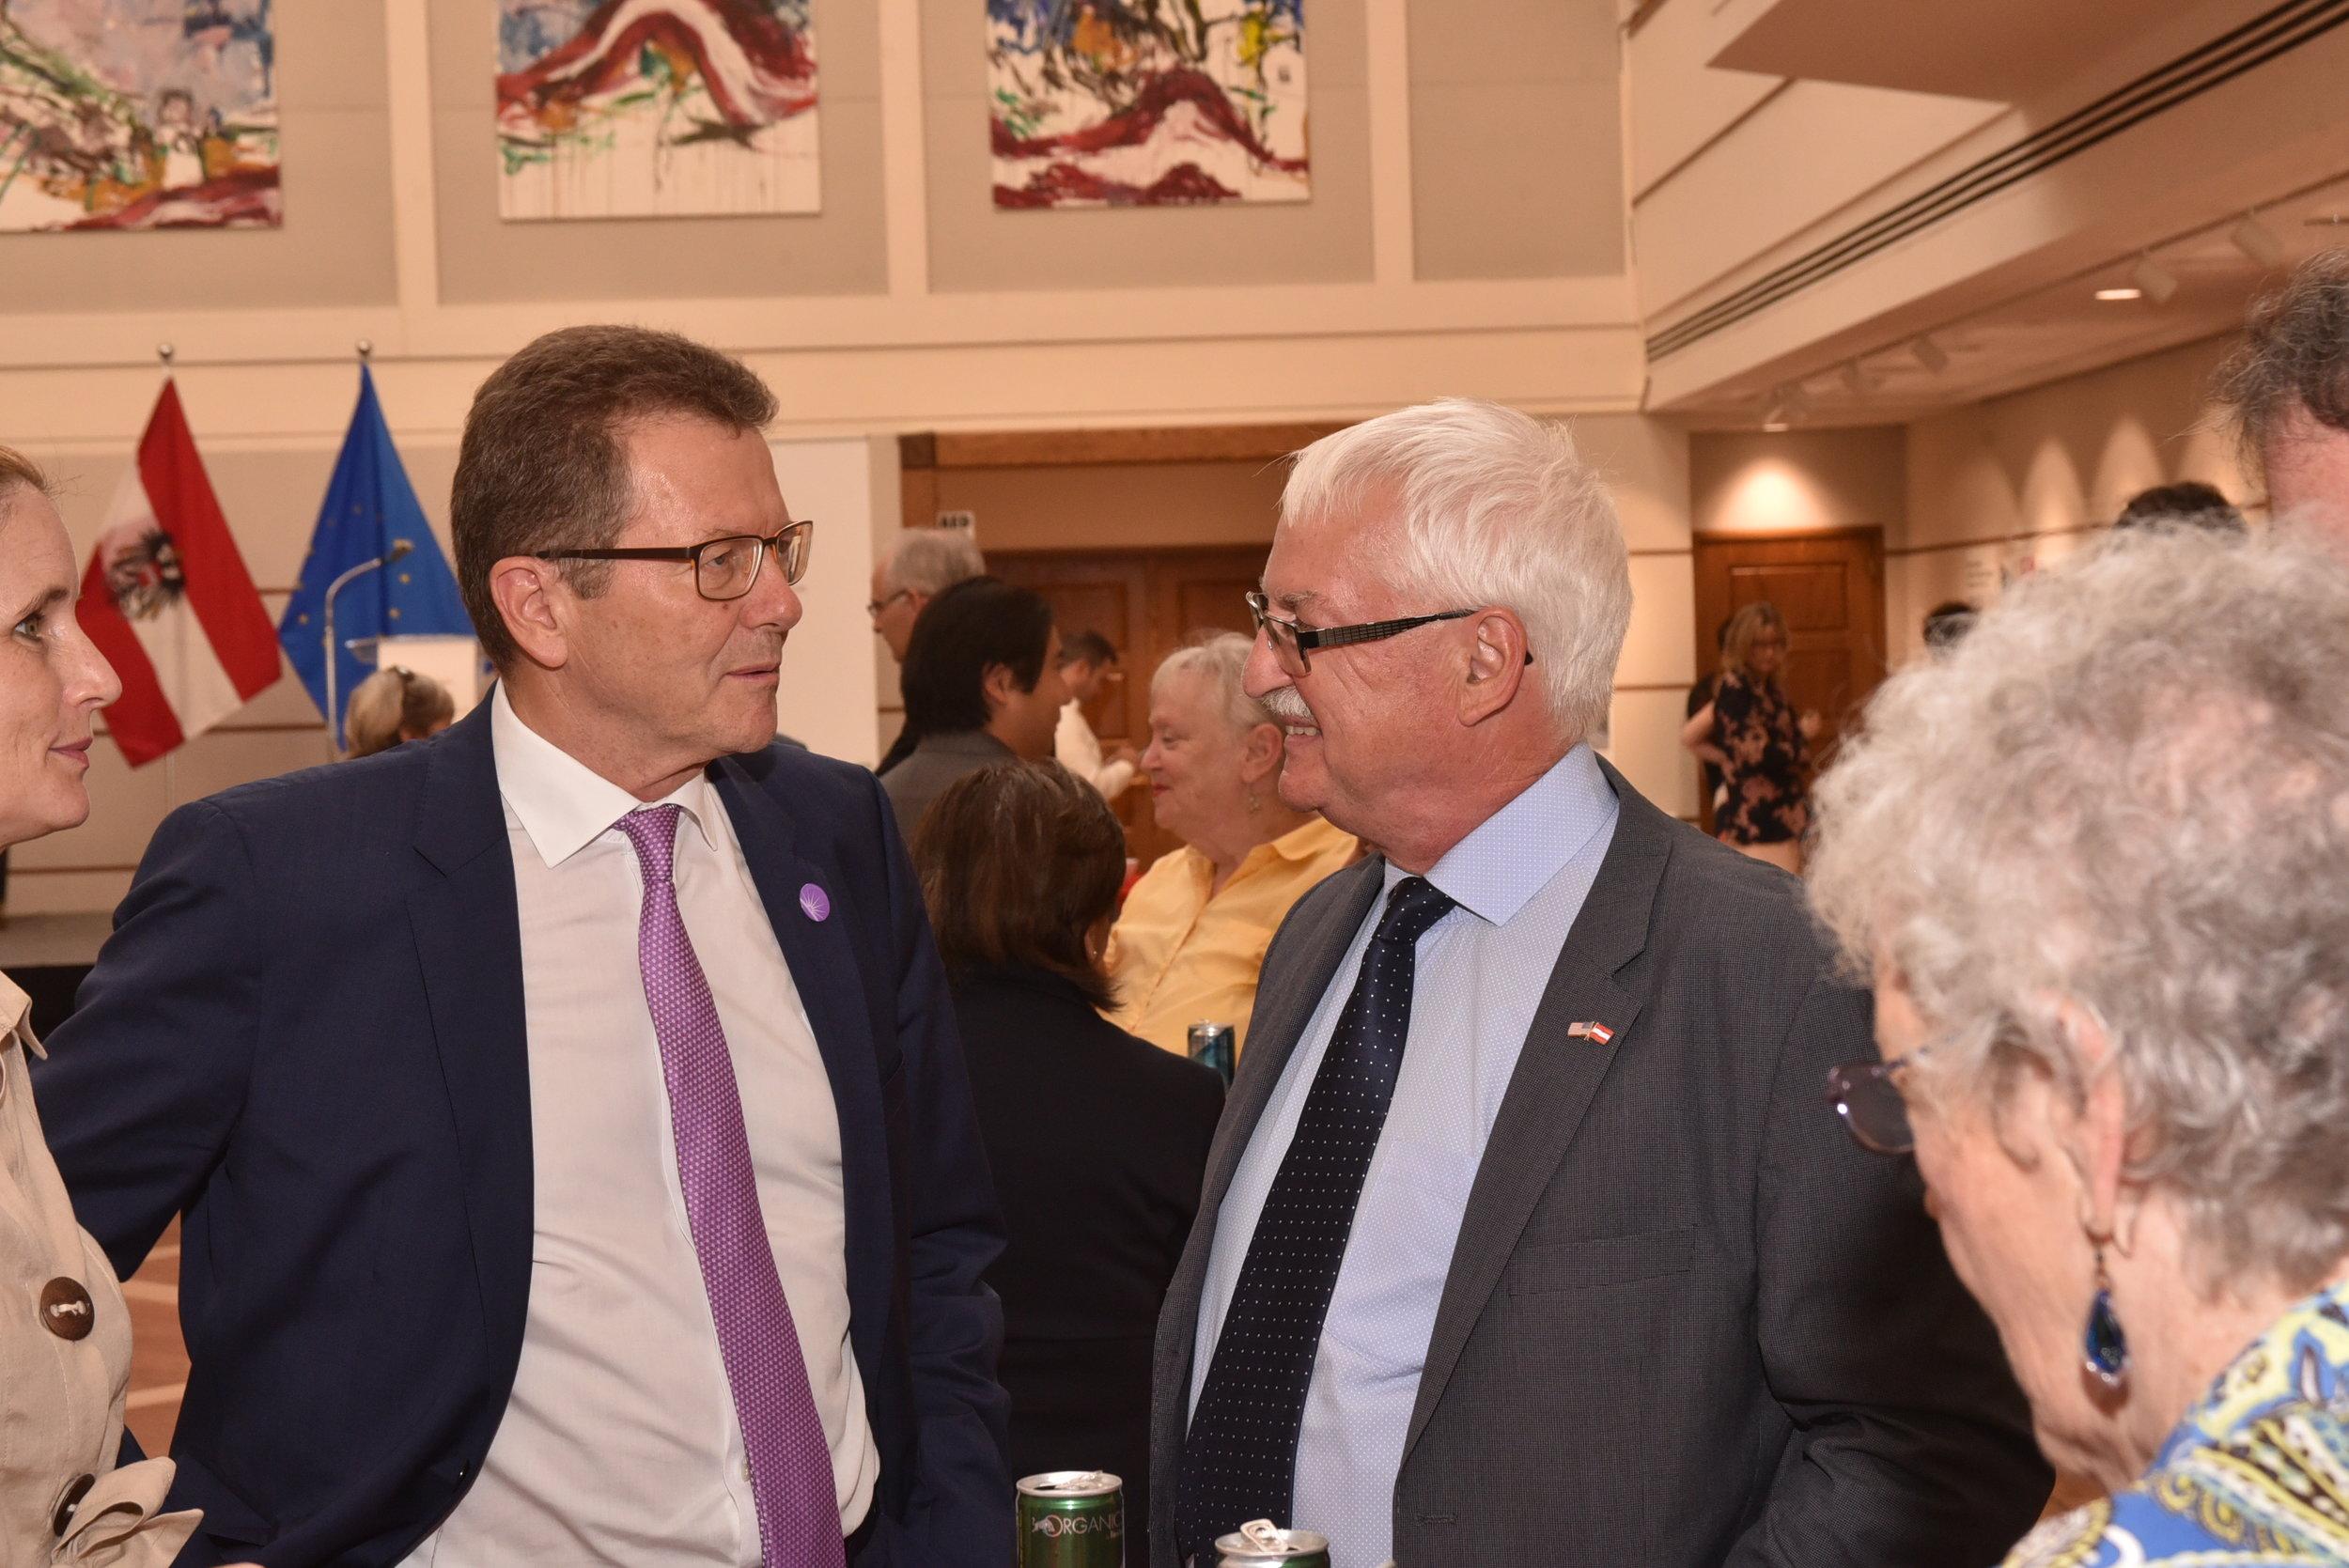 Ambassador Waldner (left) talks with Professor Bischof   Photo: Peter Alunans